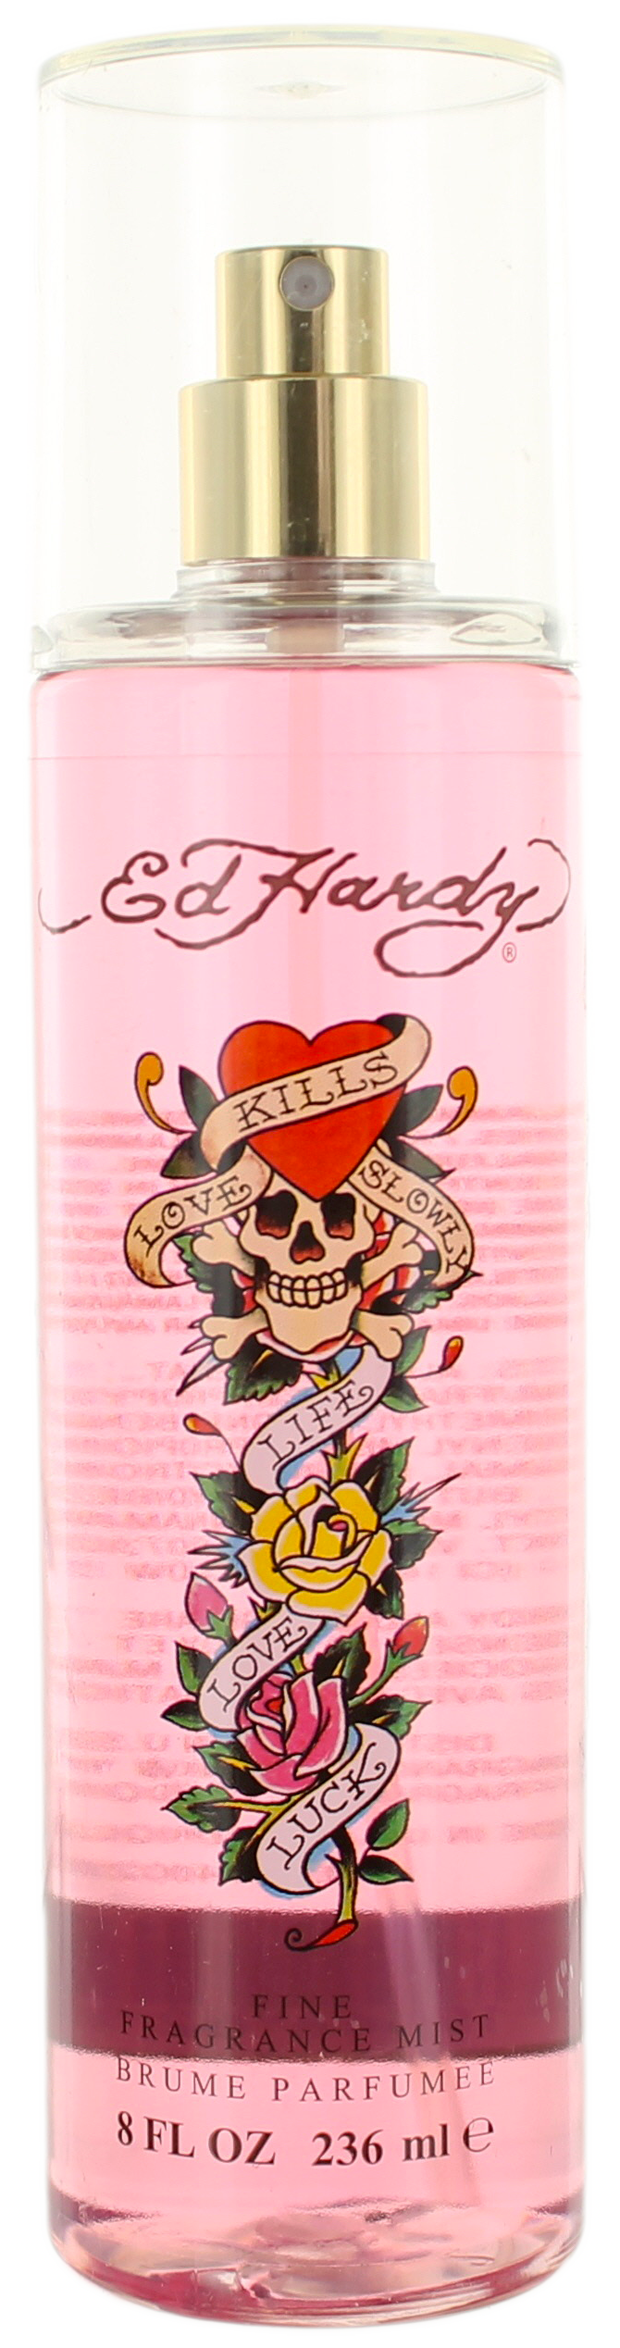 Ed Hardy (W) Body Mist Spray 8oz